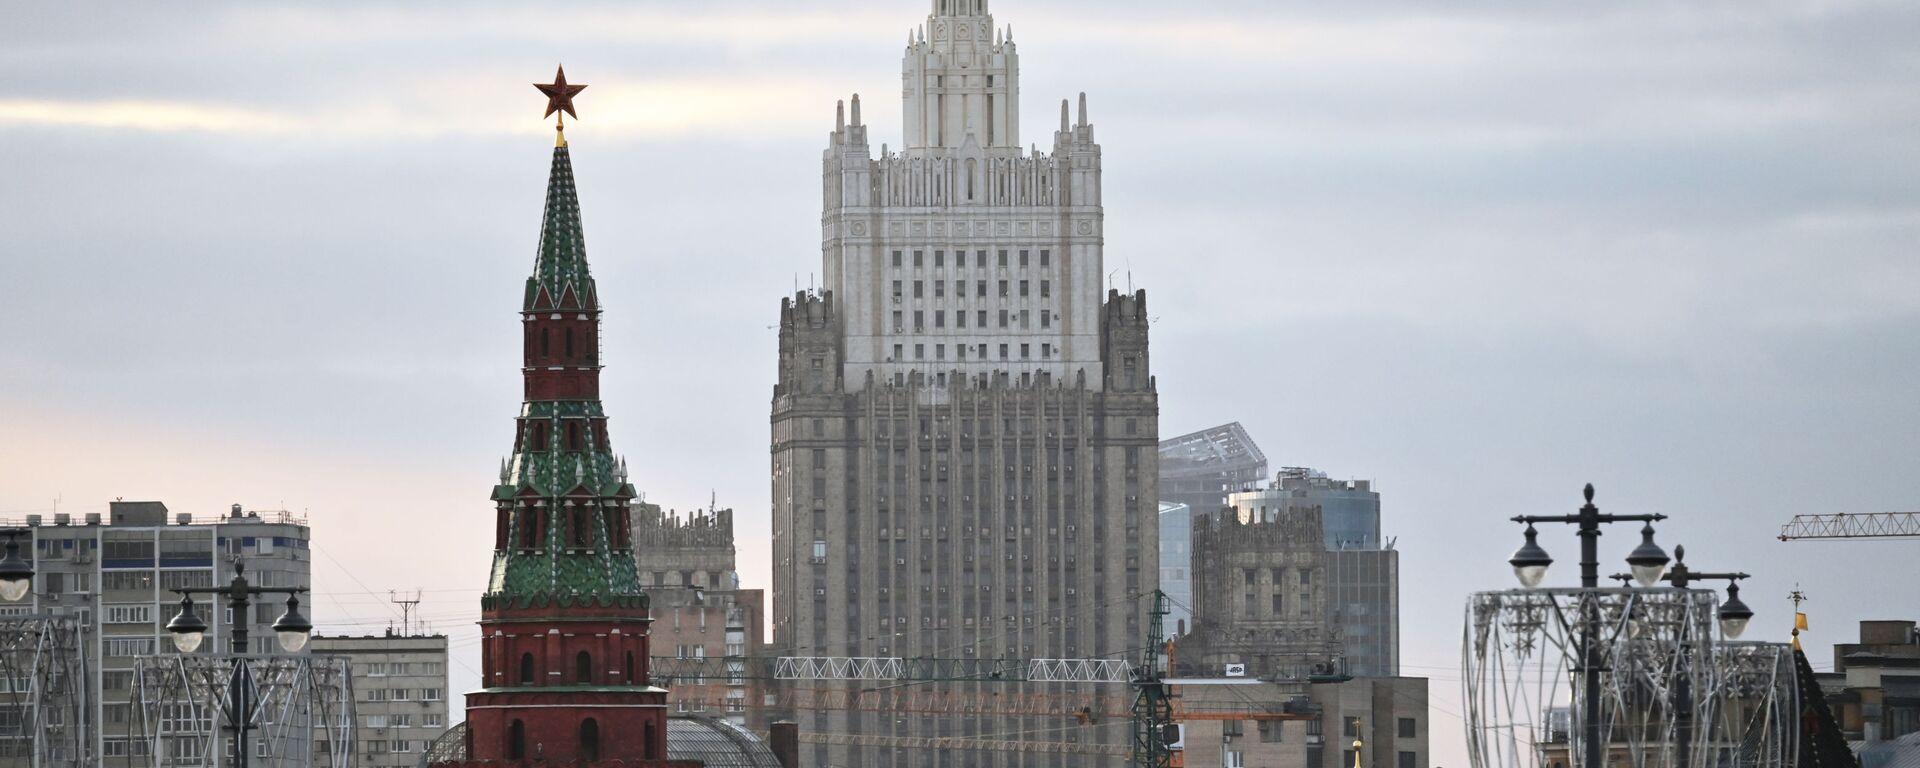 El edificio del Ministerio de Asuntos Exteriores ruso y una de las torres del Kremlin - Sputnik Mundo, 1920, 17.02.2021